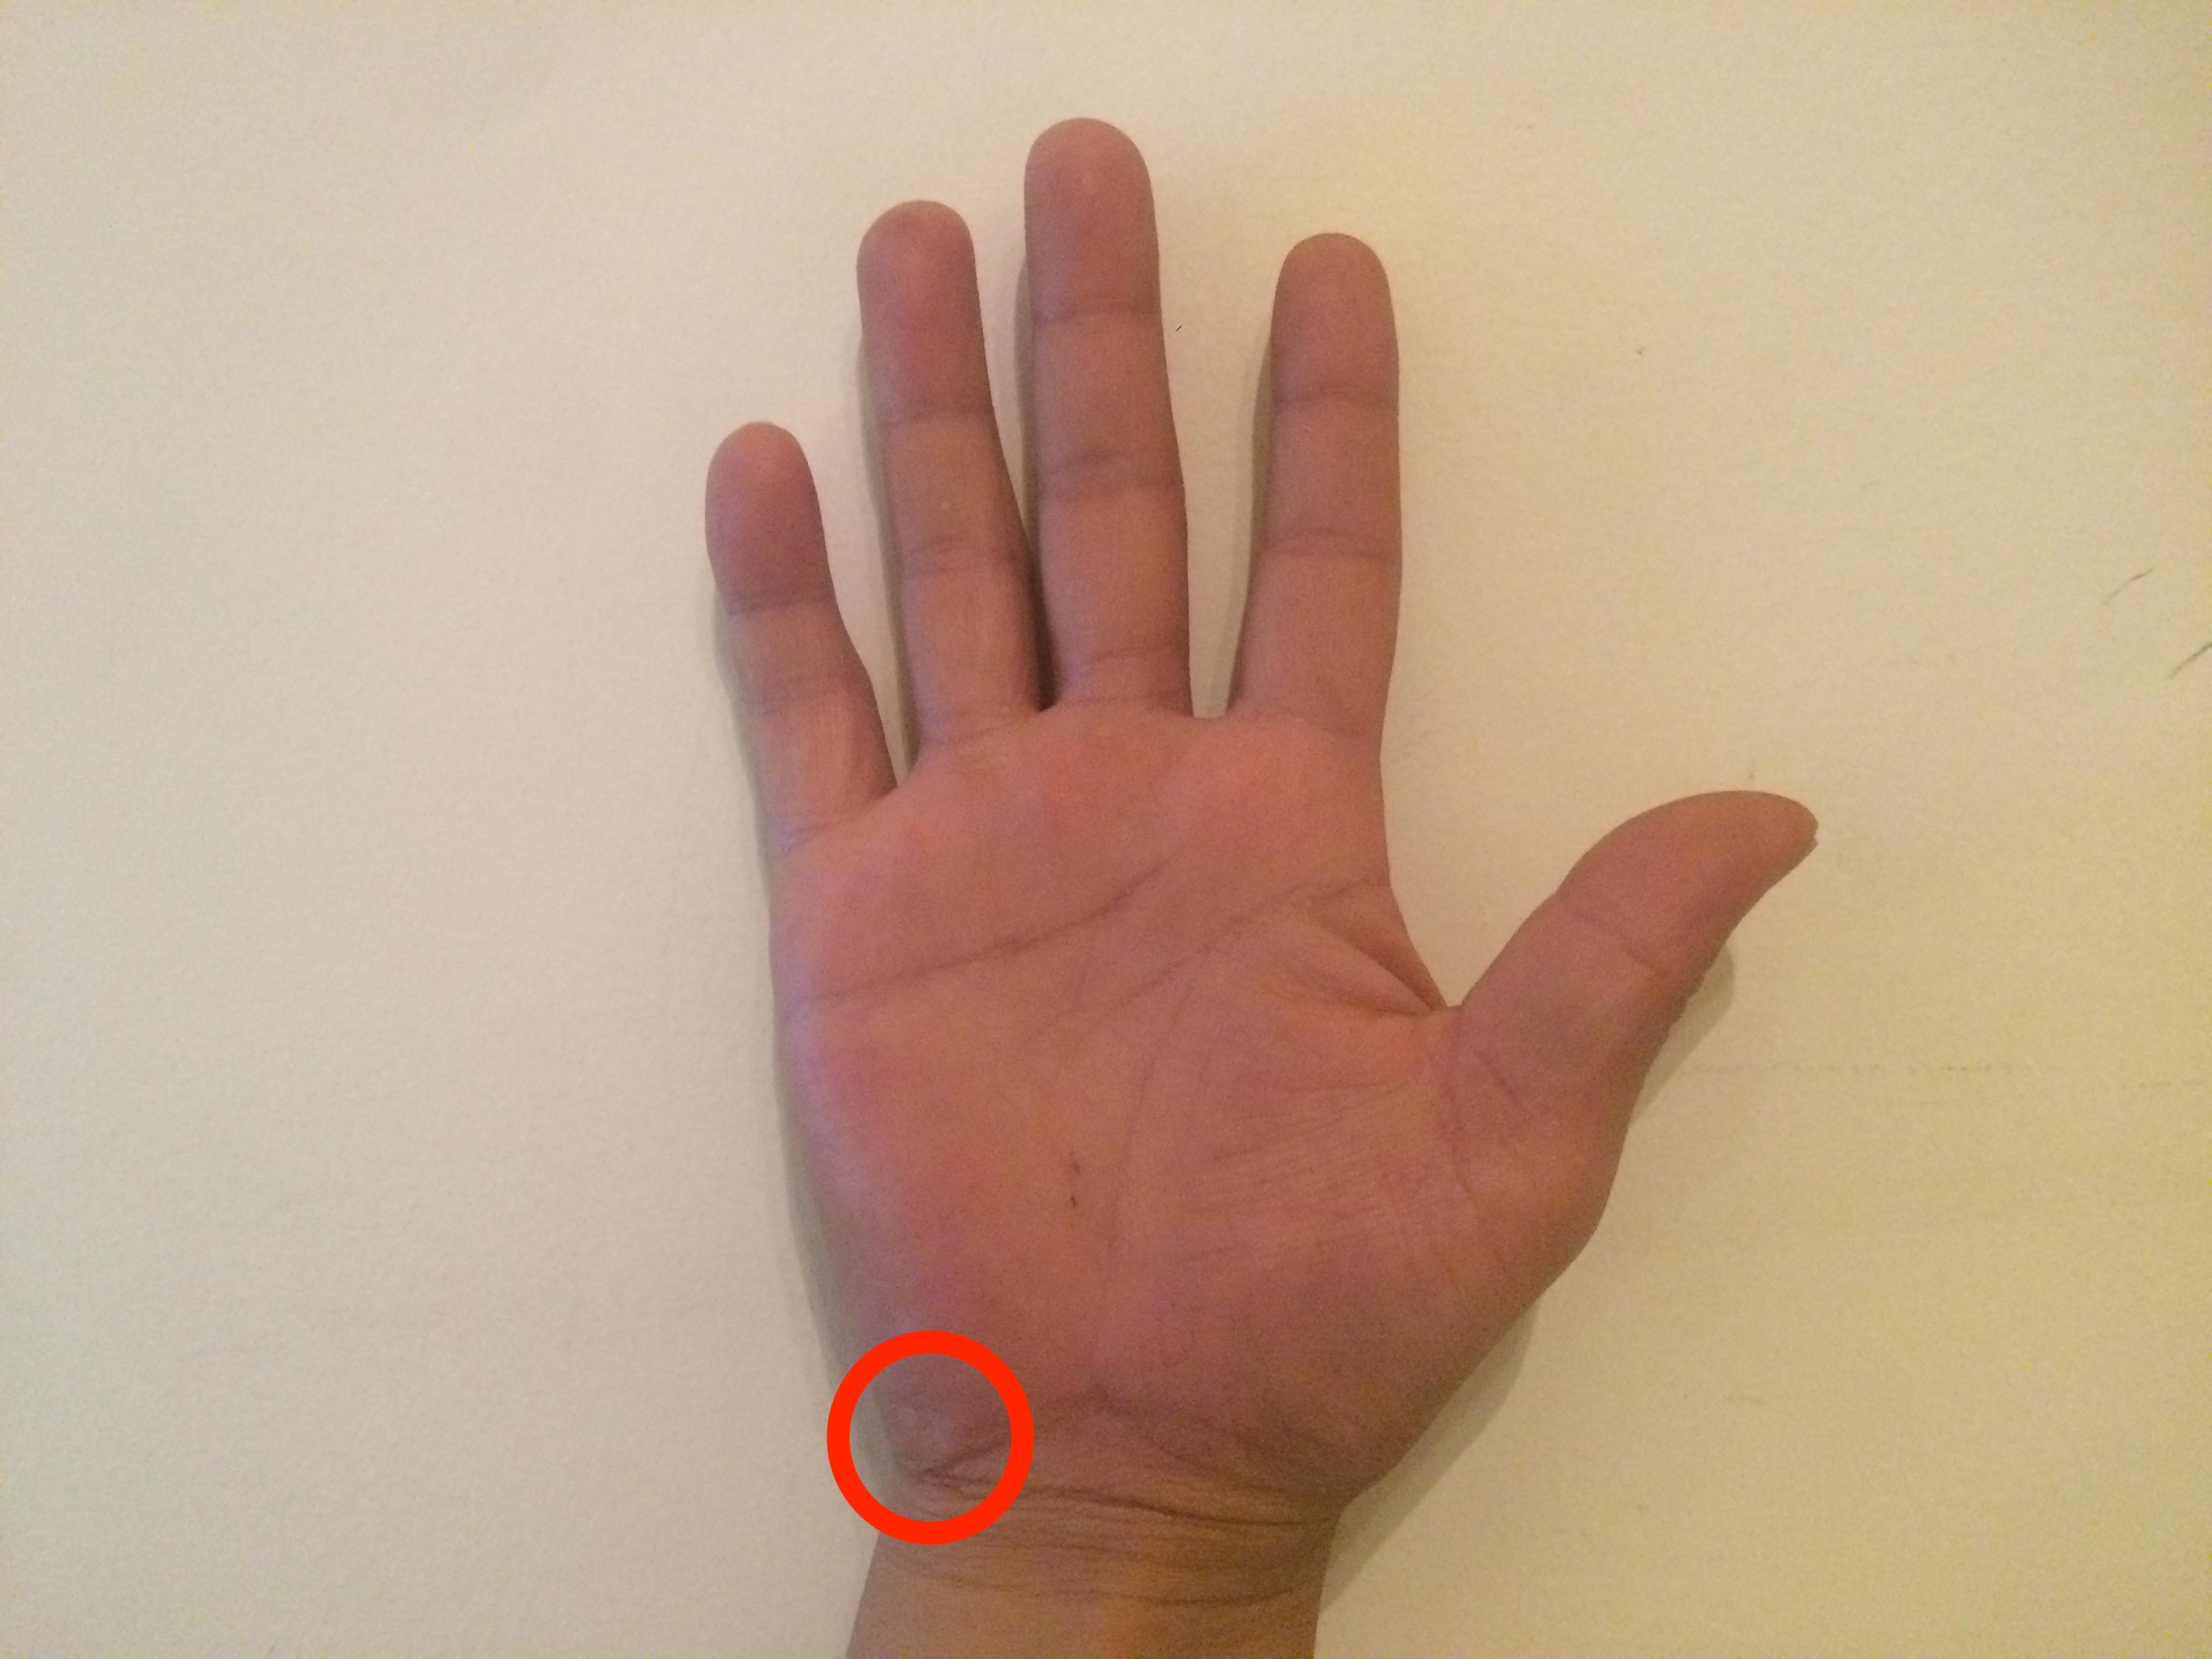 手のひらの付け根にある豆状骨を支点にする